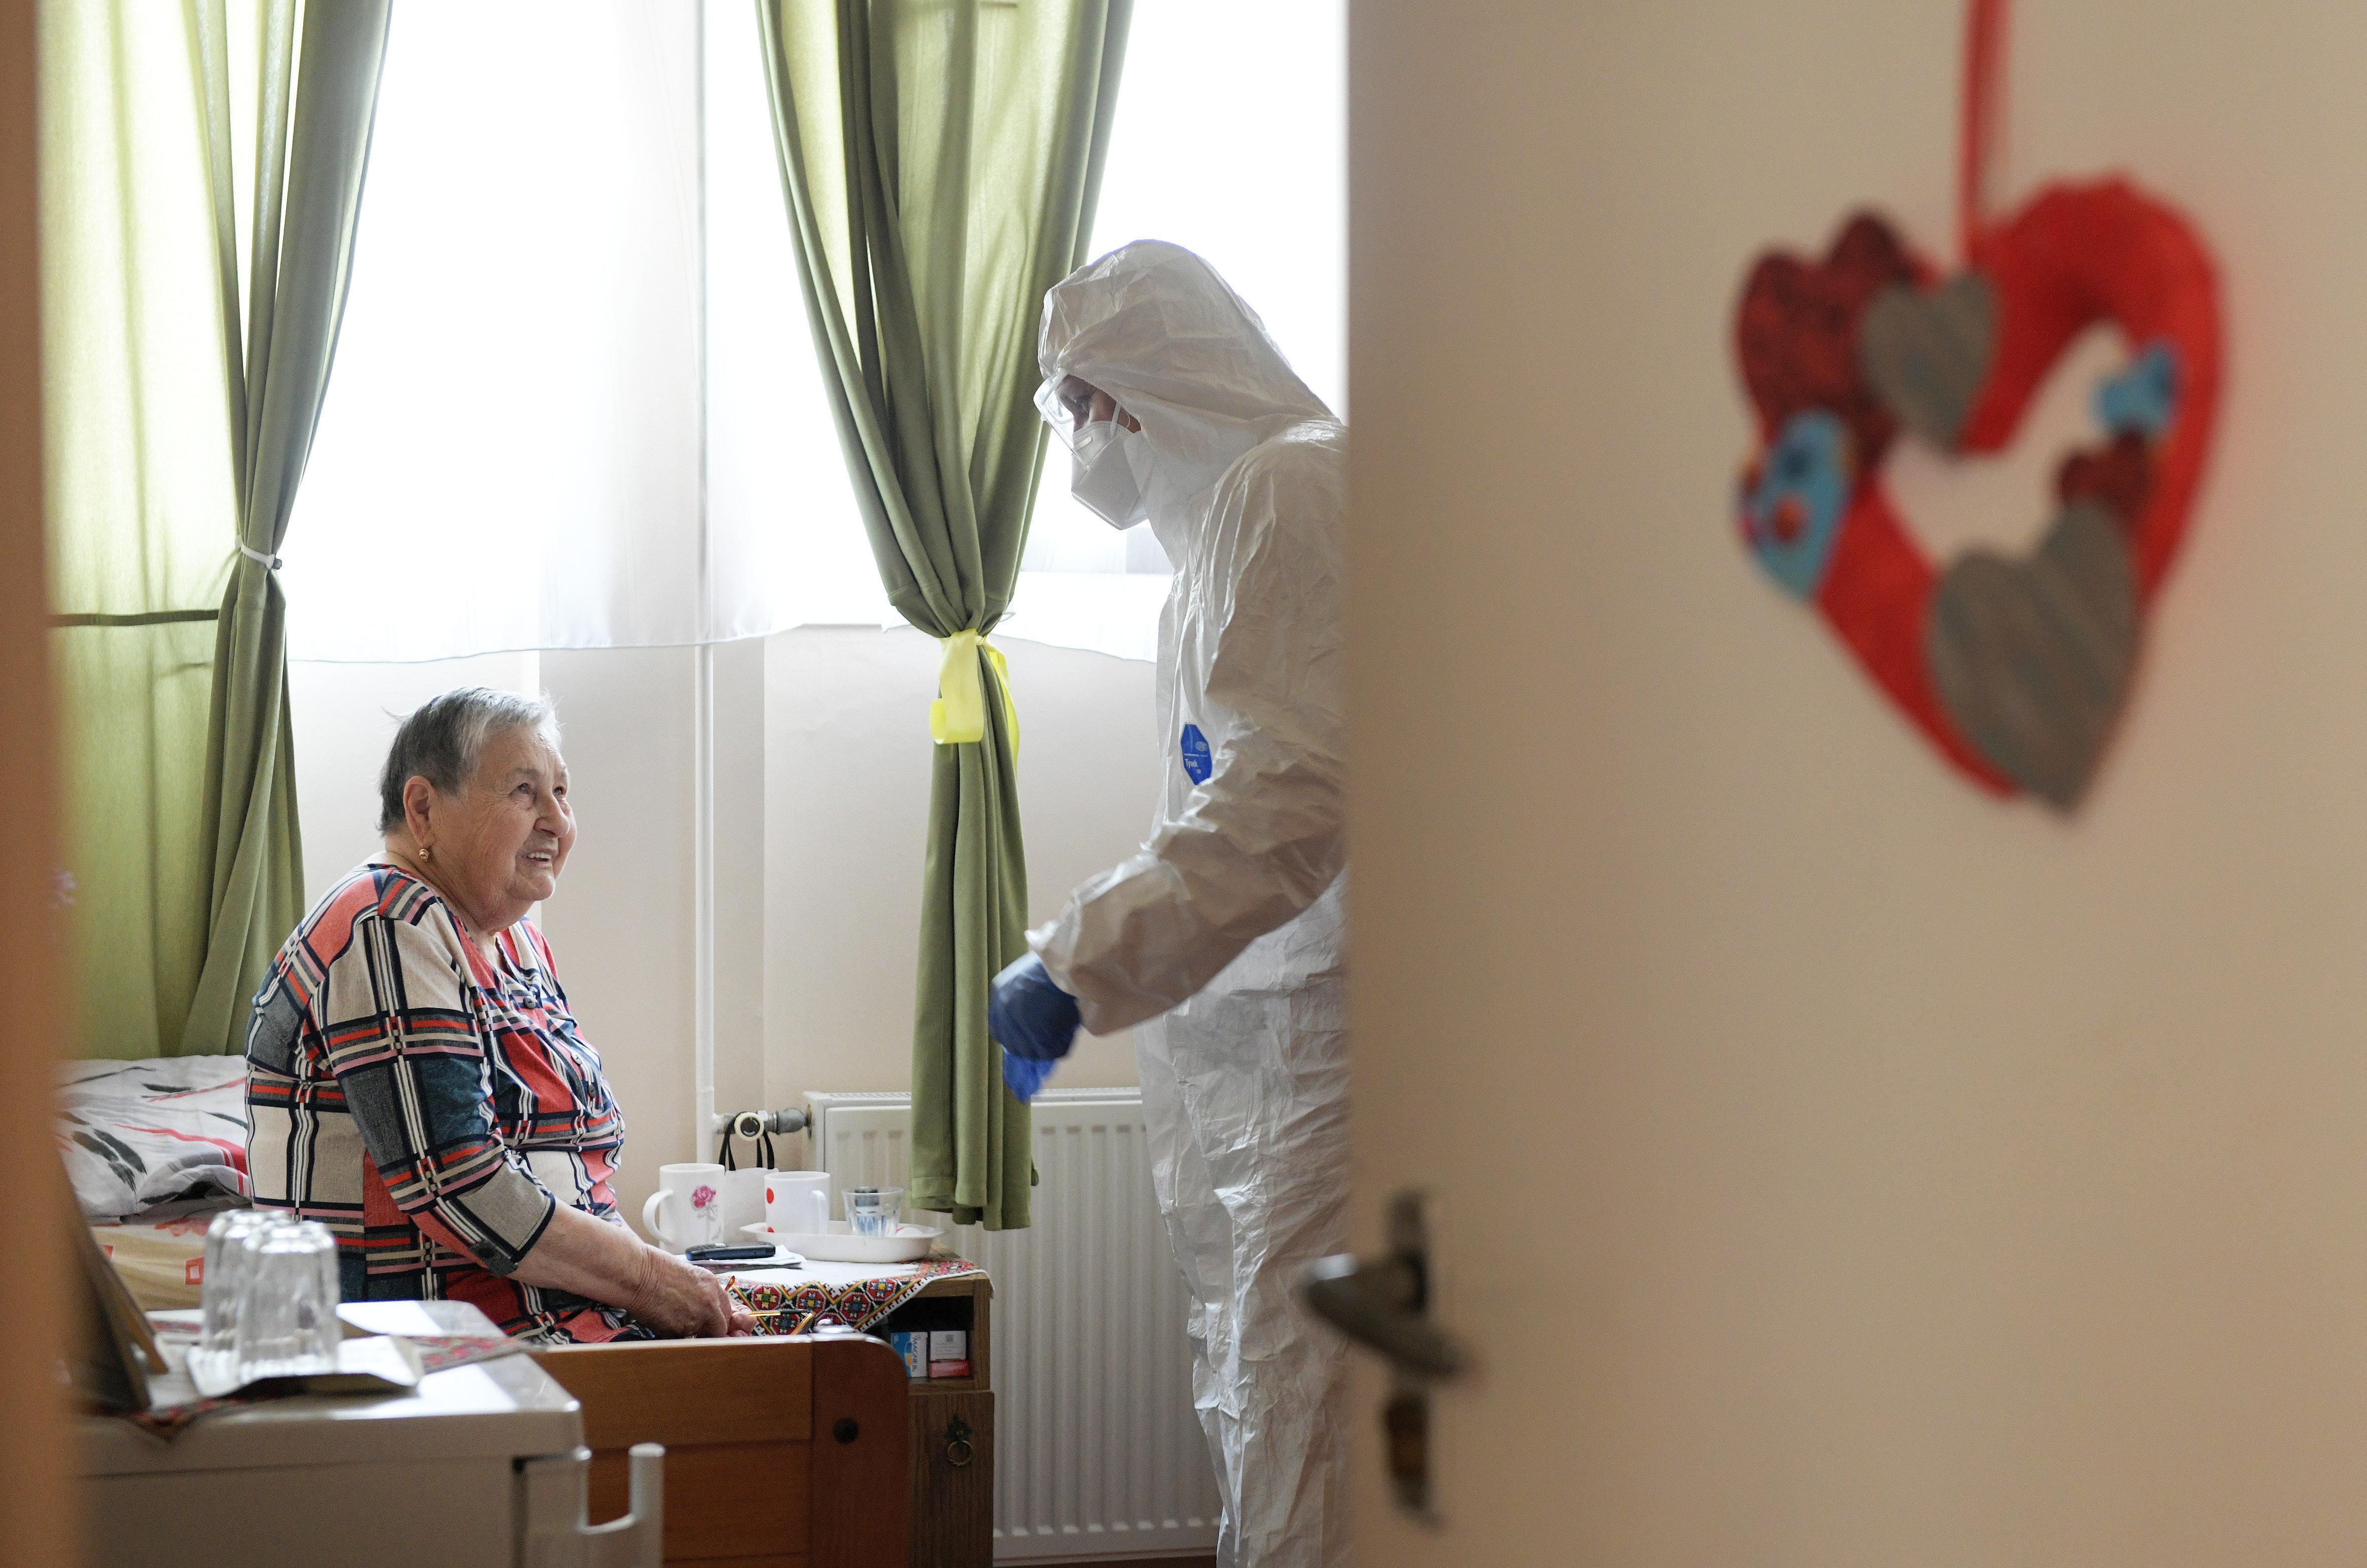 Országszerte 33 idősotthonban jelent meg a koronavírus